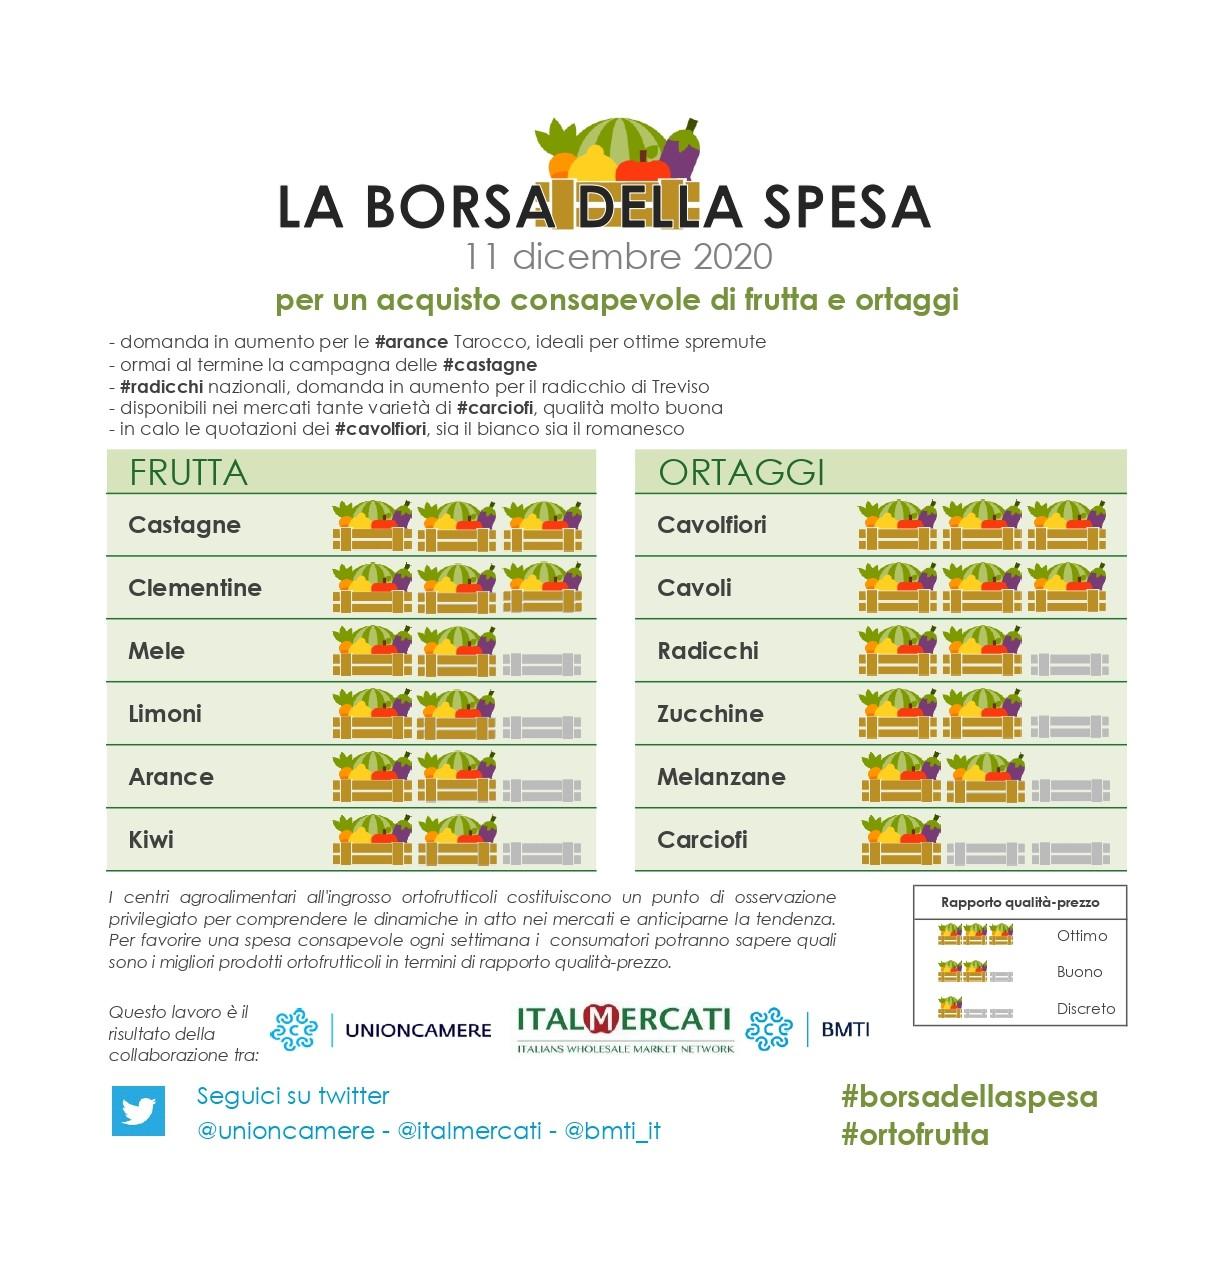 Nella #borsadellaspesa di #ortofrutta di questa settimana: #castagne, #clementine, #cavolfiori e #cavoli - 11 dicembre